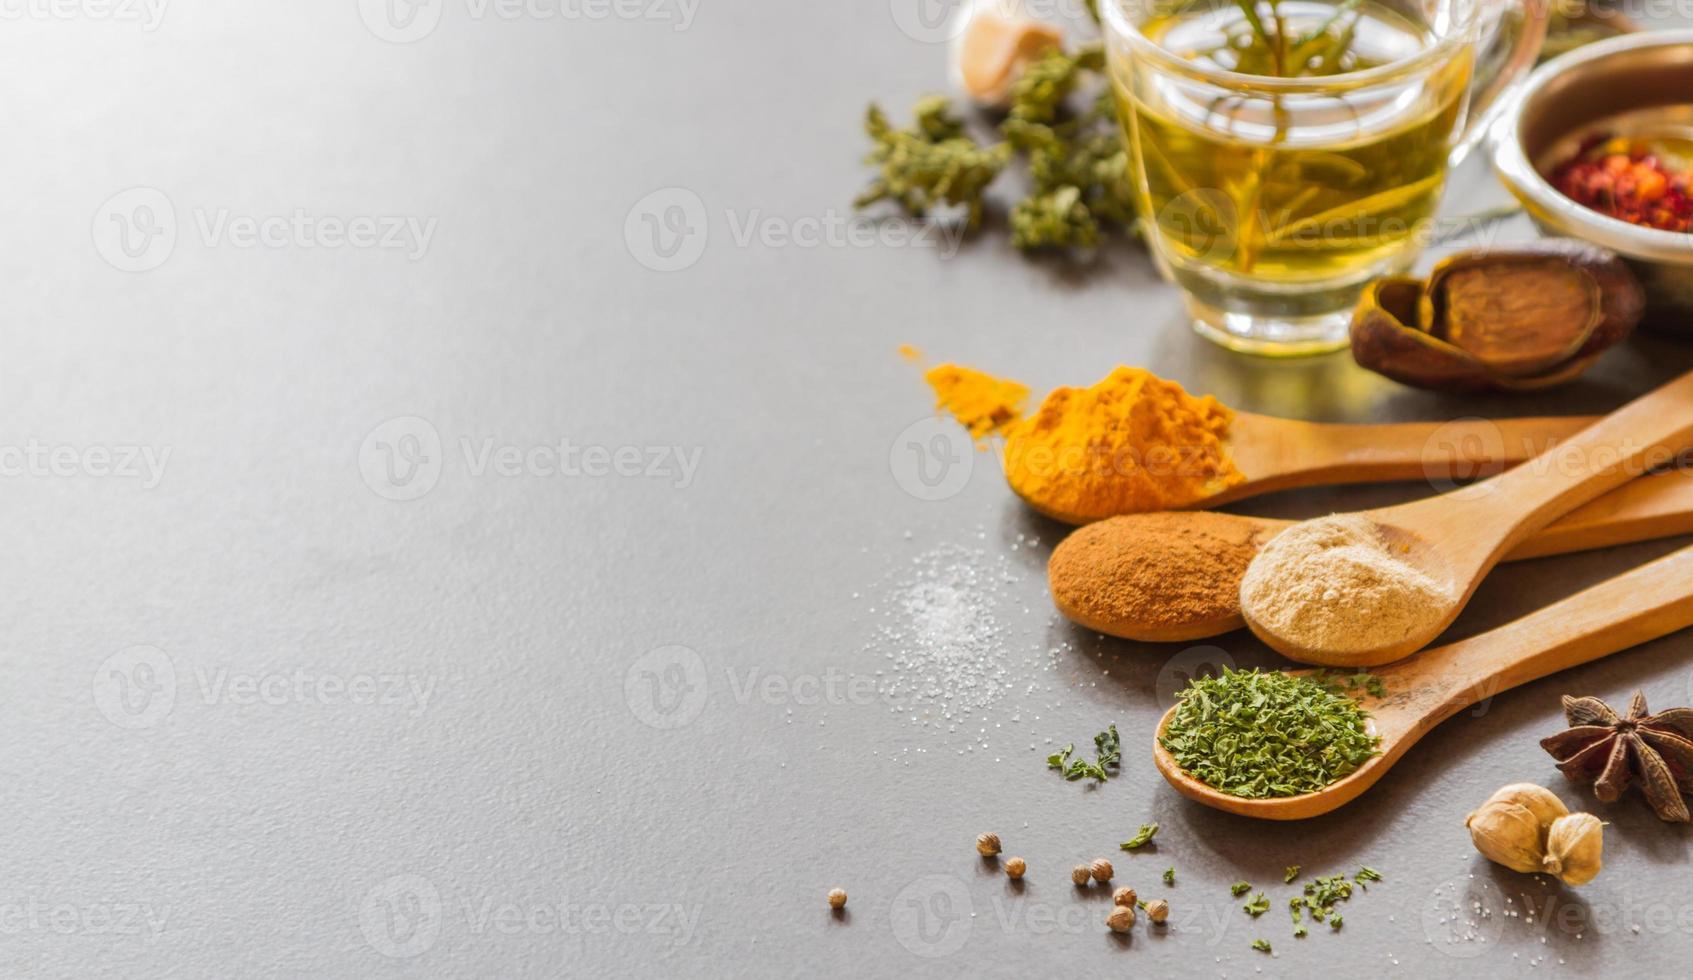 mezclar especias y hierbas de fondo. foto